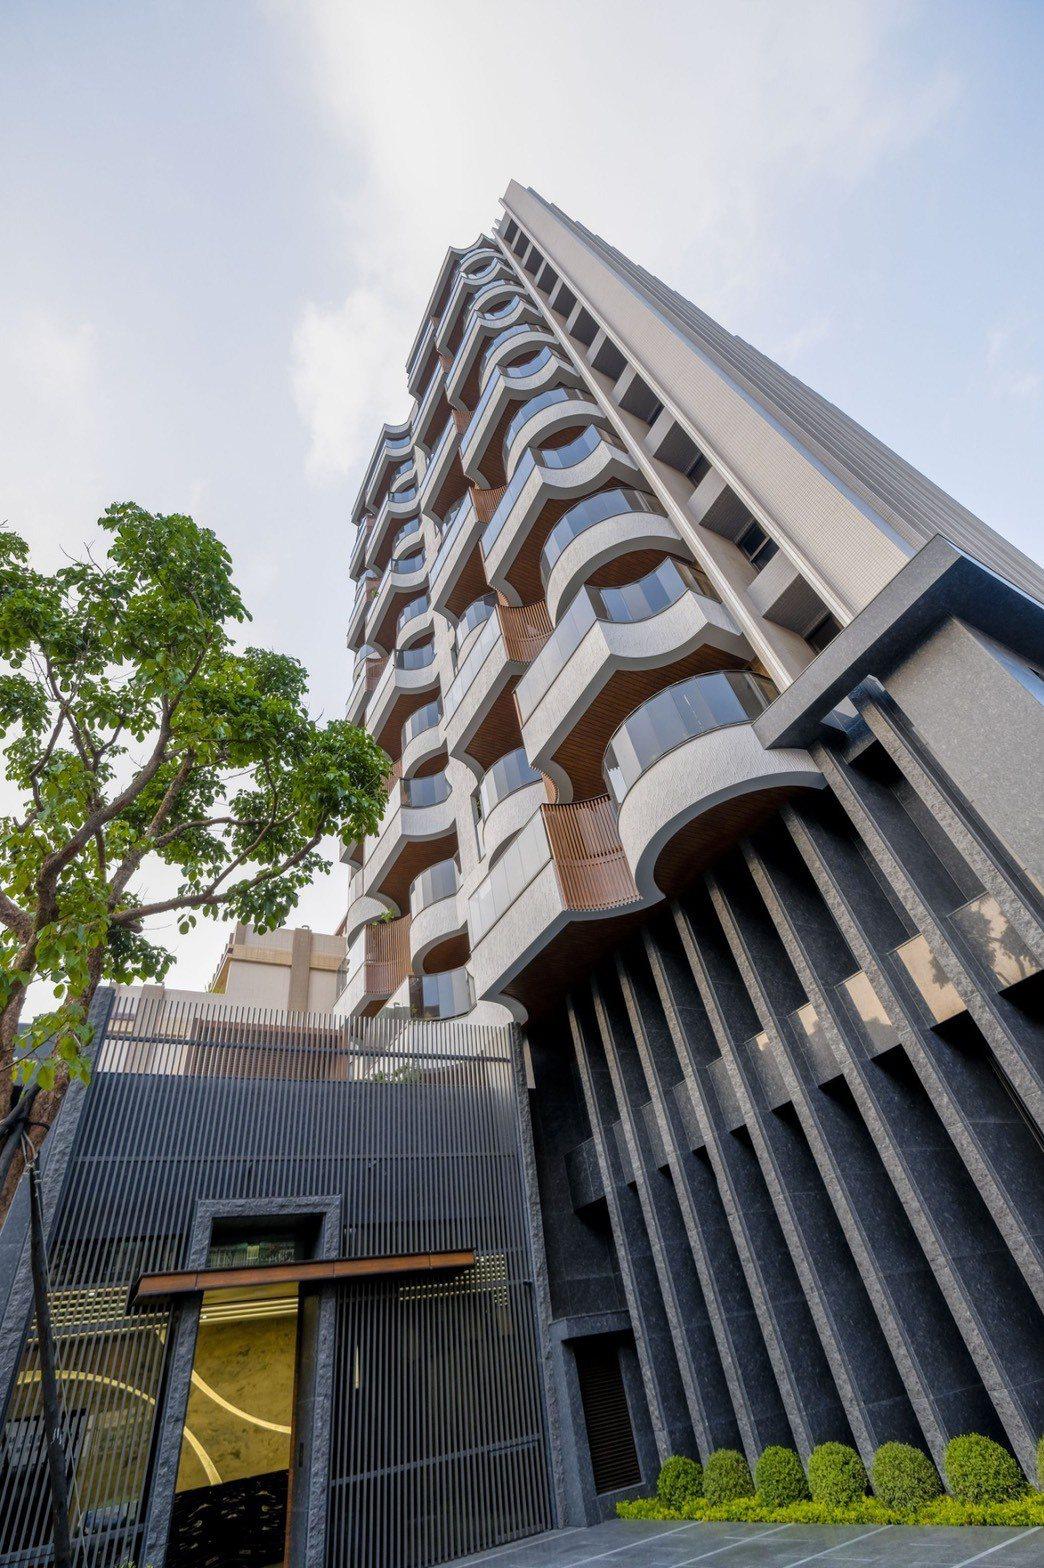 「日大雍禾」獲「大樓景觀」及「人文美學特別獎」2個獎項。